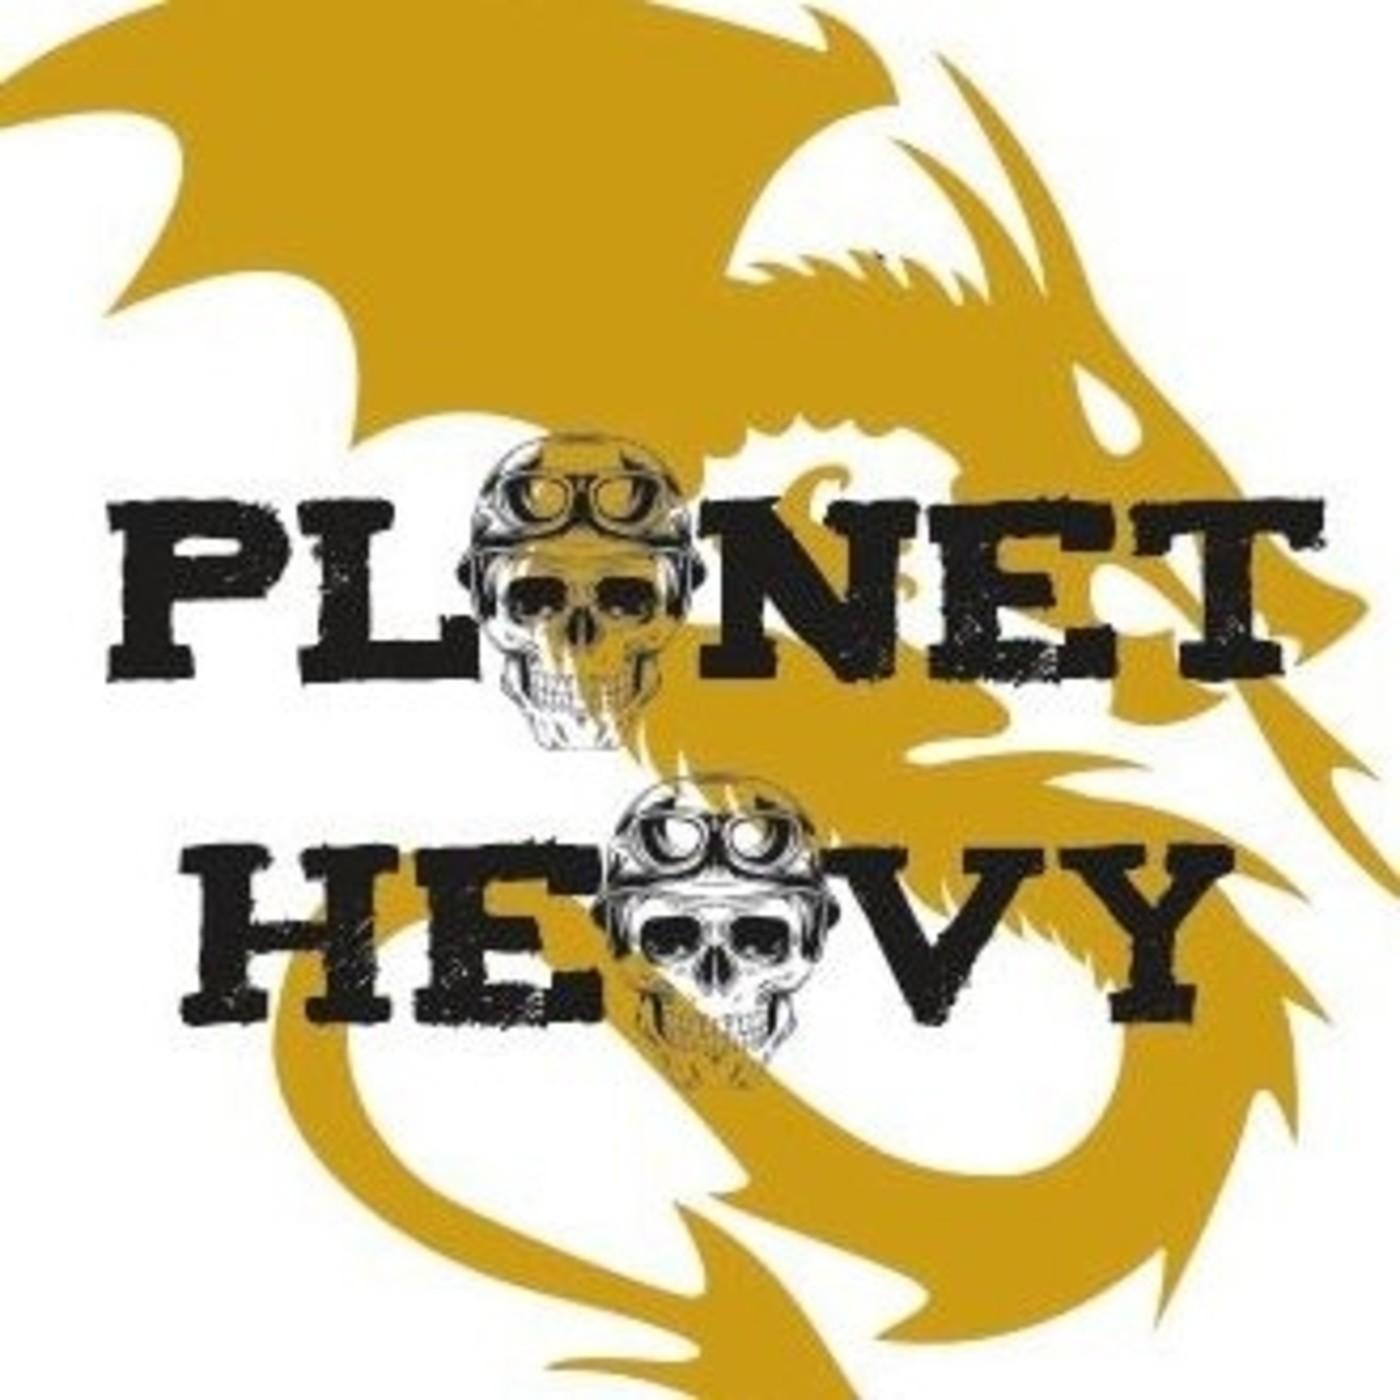 PLANETHEAVY